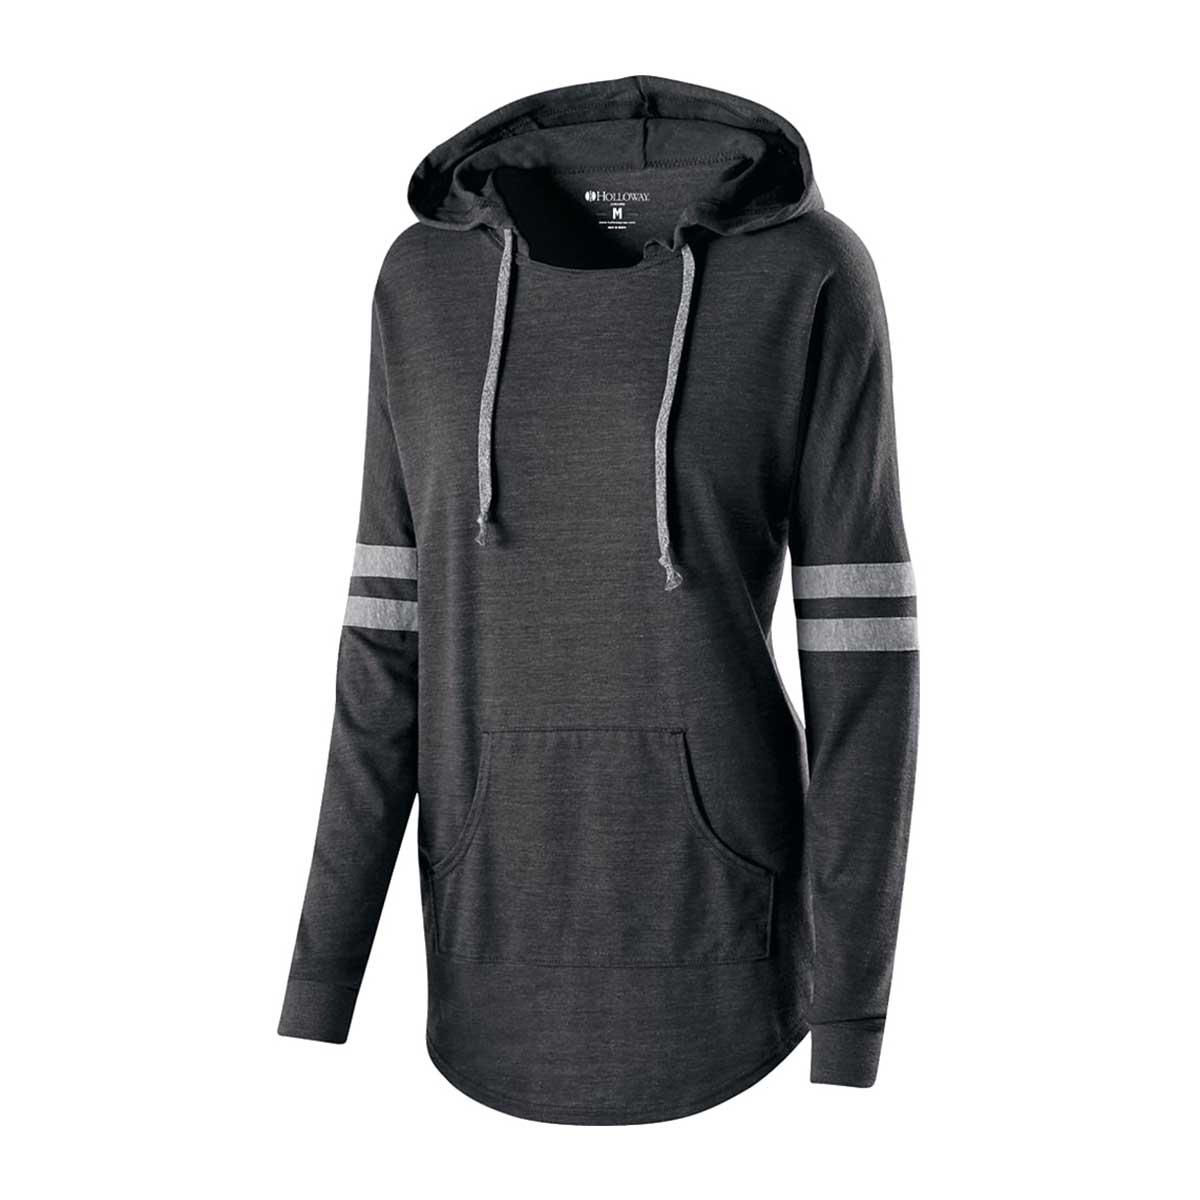 Charcoal ladies heather game day sweatshirt